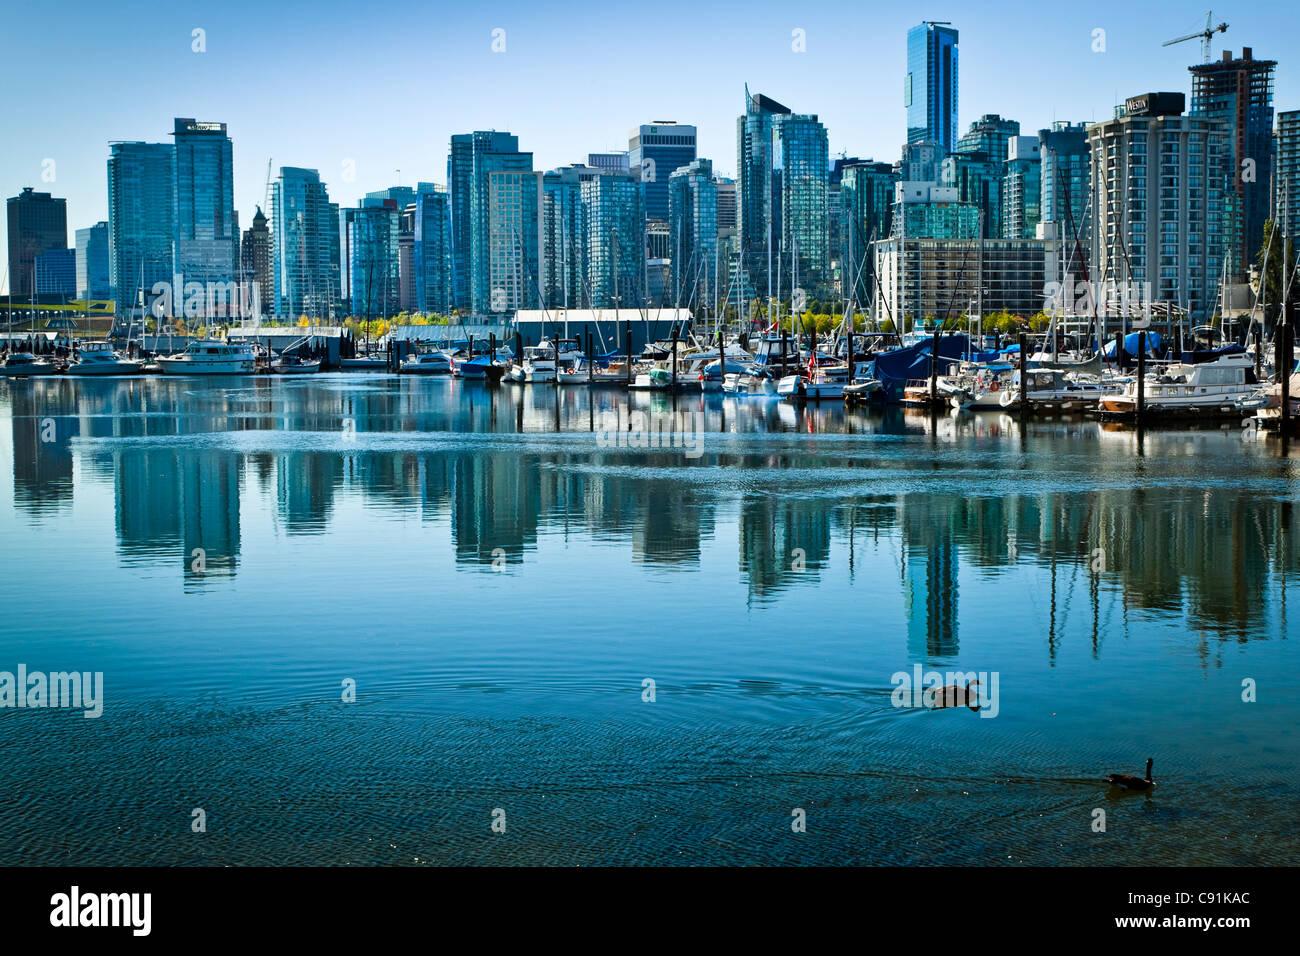 Le centre-ville de Vancouver comme vu du parc Stanley, C.-B., Canada, printemps Photo Stock